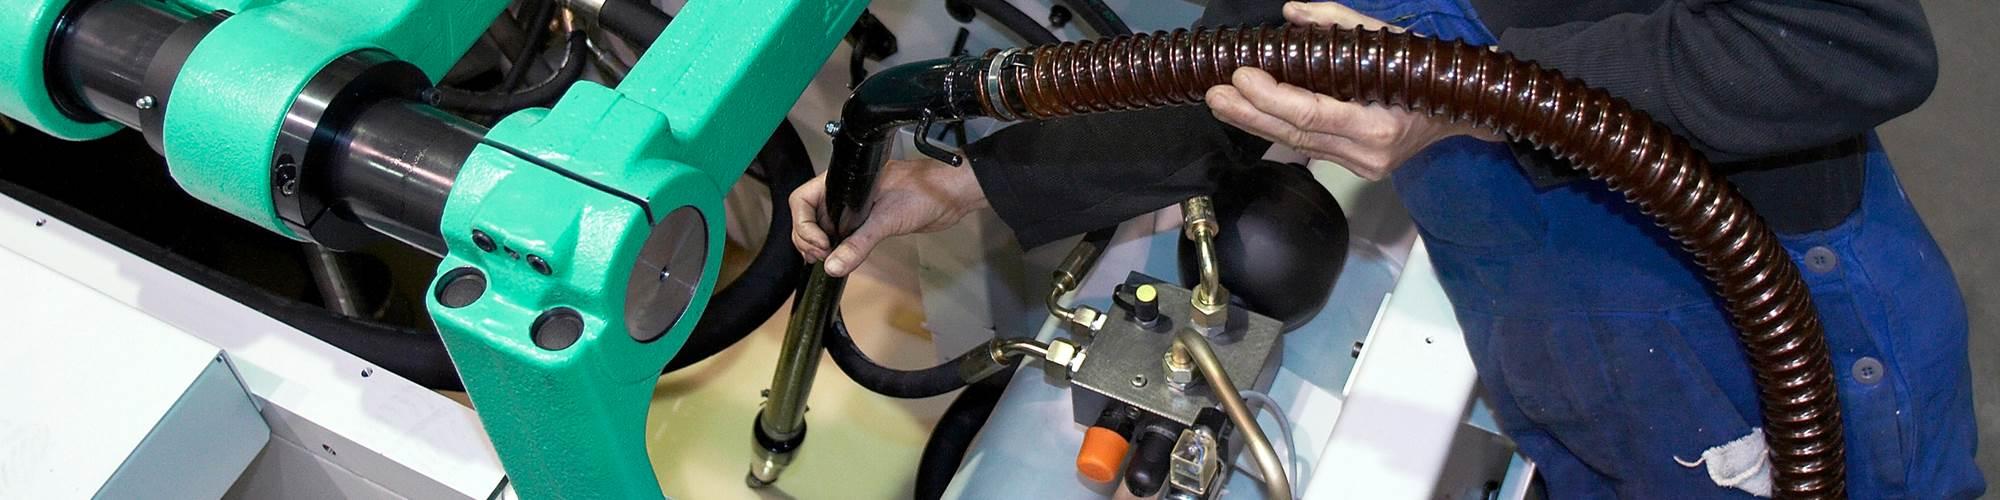 阿尔堡真空吸尘器——在运送新机器之前对油箱进行清理。